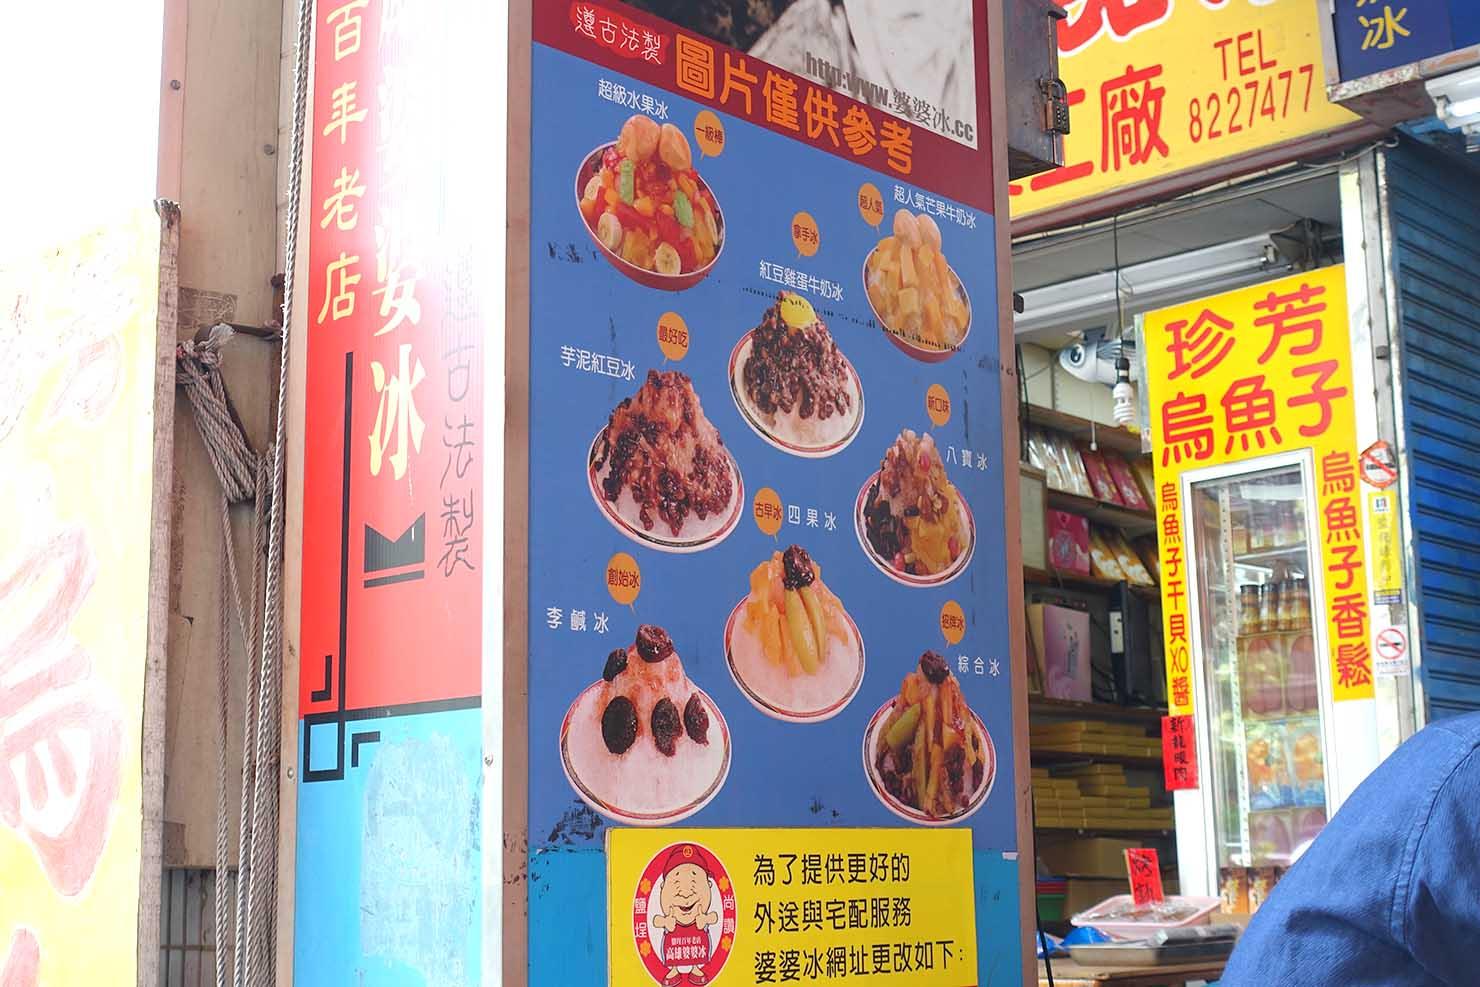 高雄の伝統台湾グルメエリア・鹽埕埔「高雄婆婆冰」のメニューイメージ写真